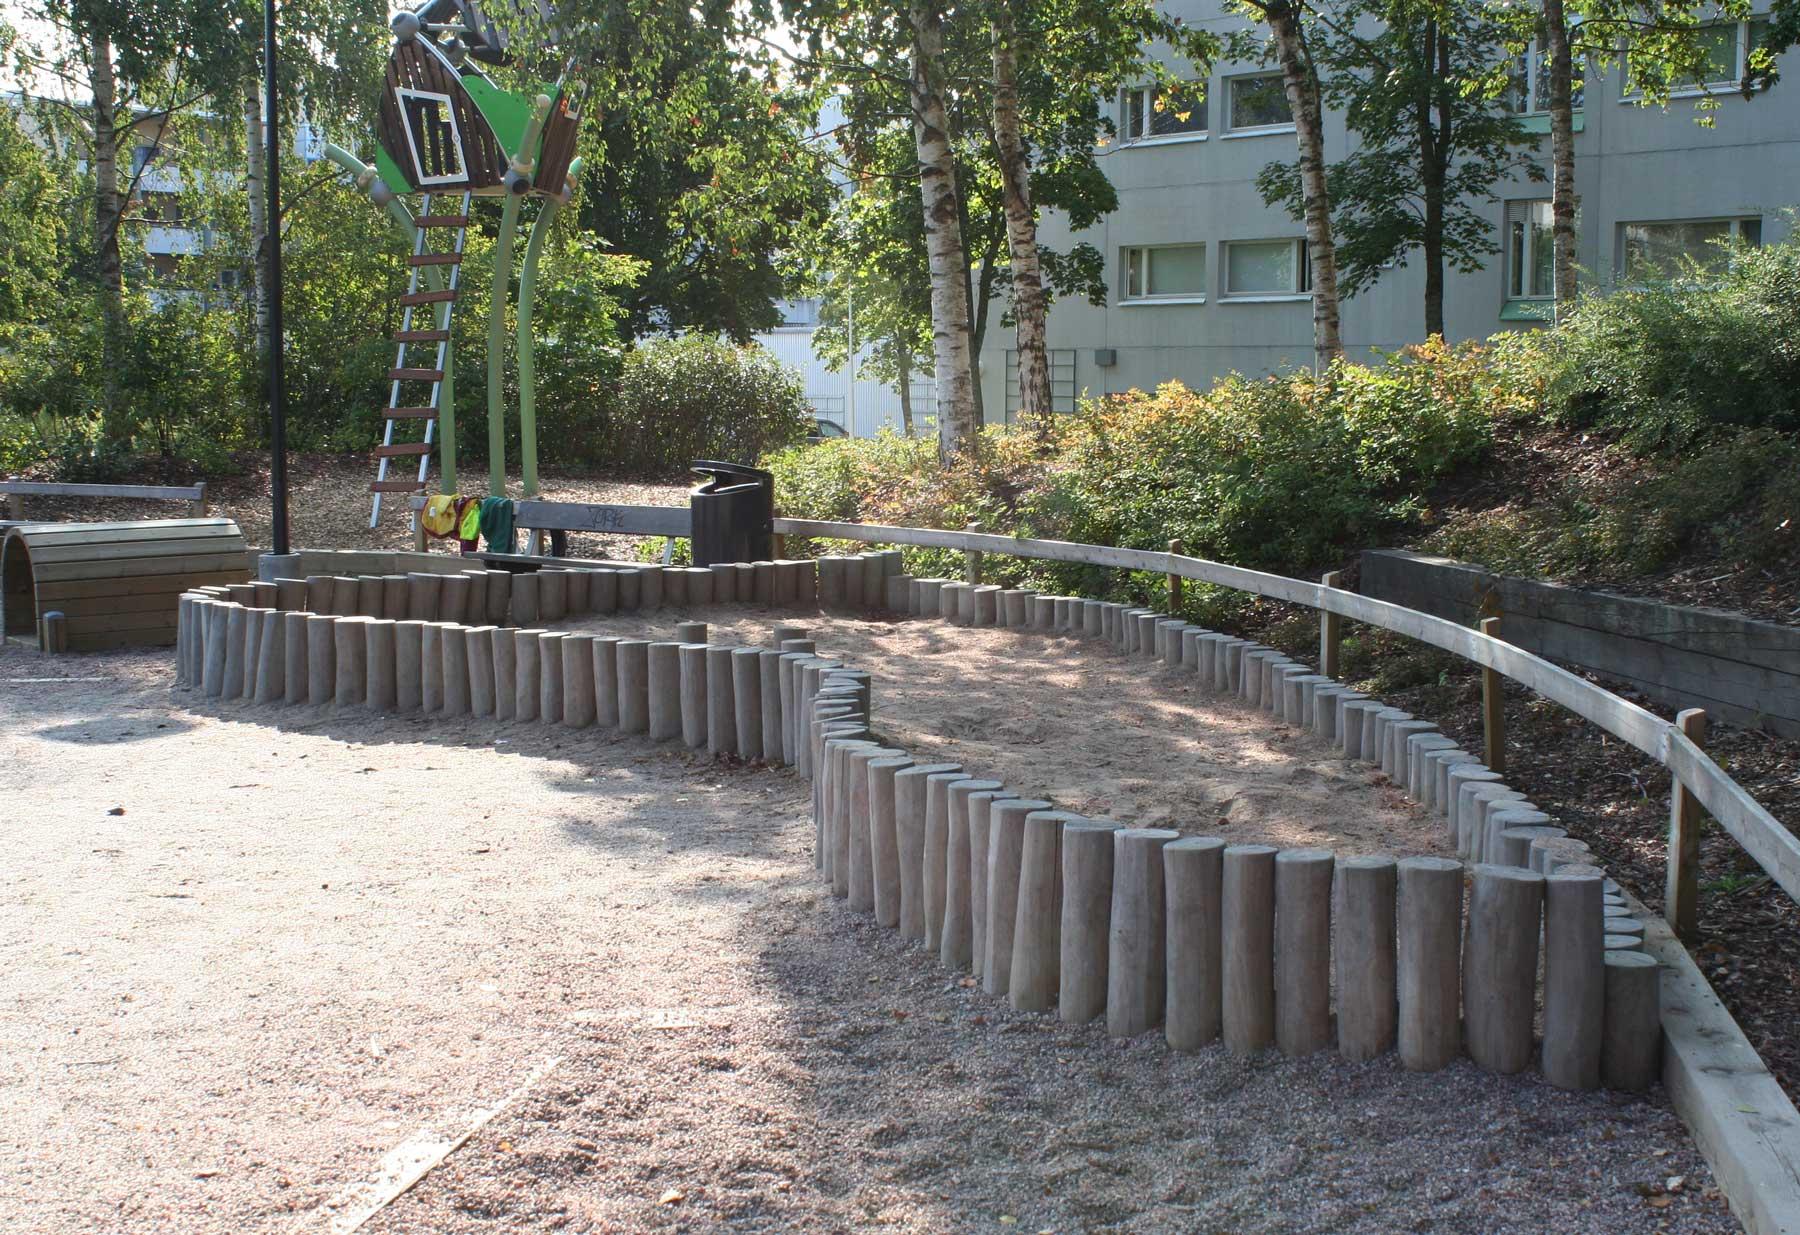 Robia-pölkyt rajaavat lasten hiekkalaatikkoa